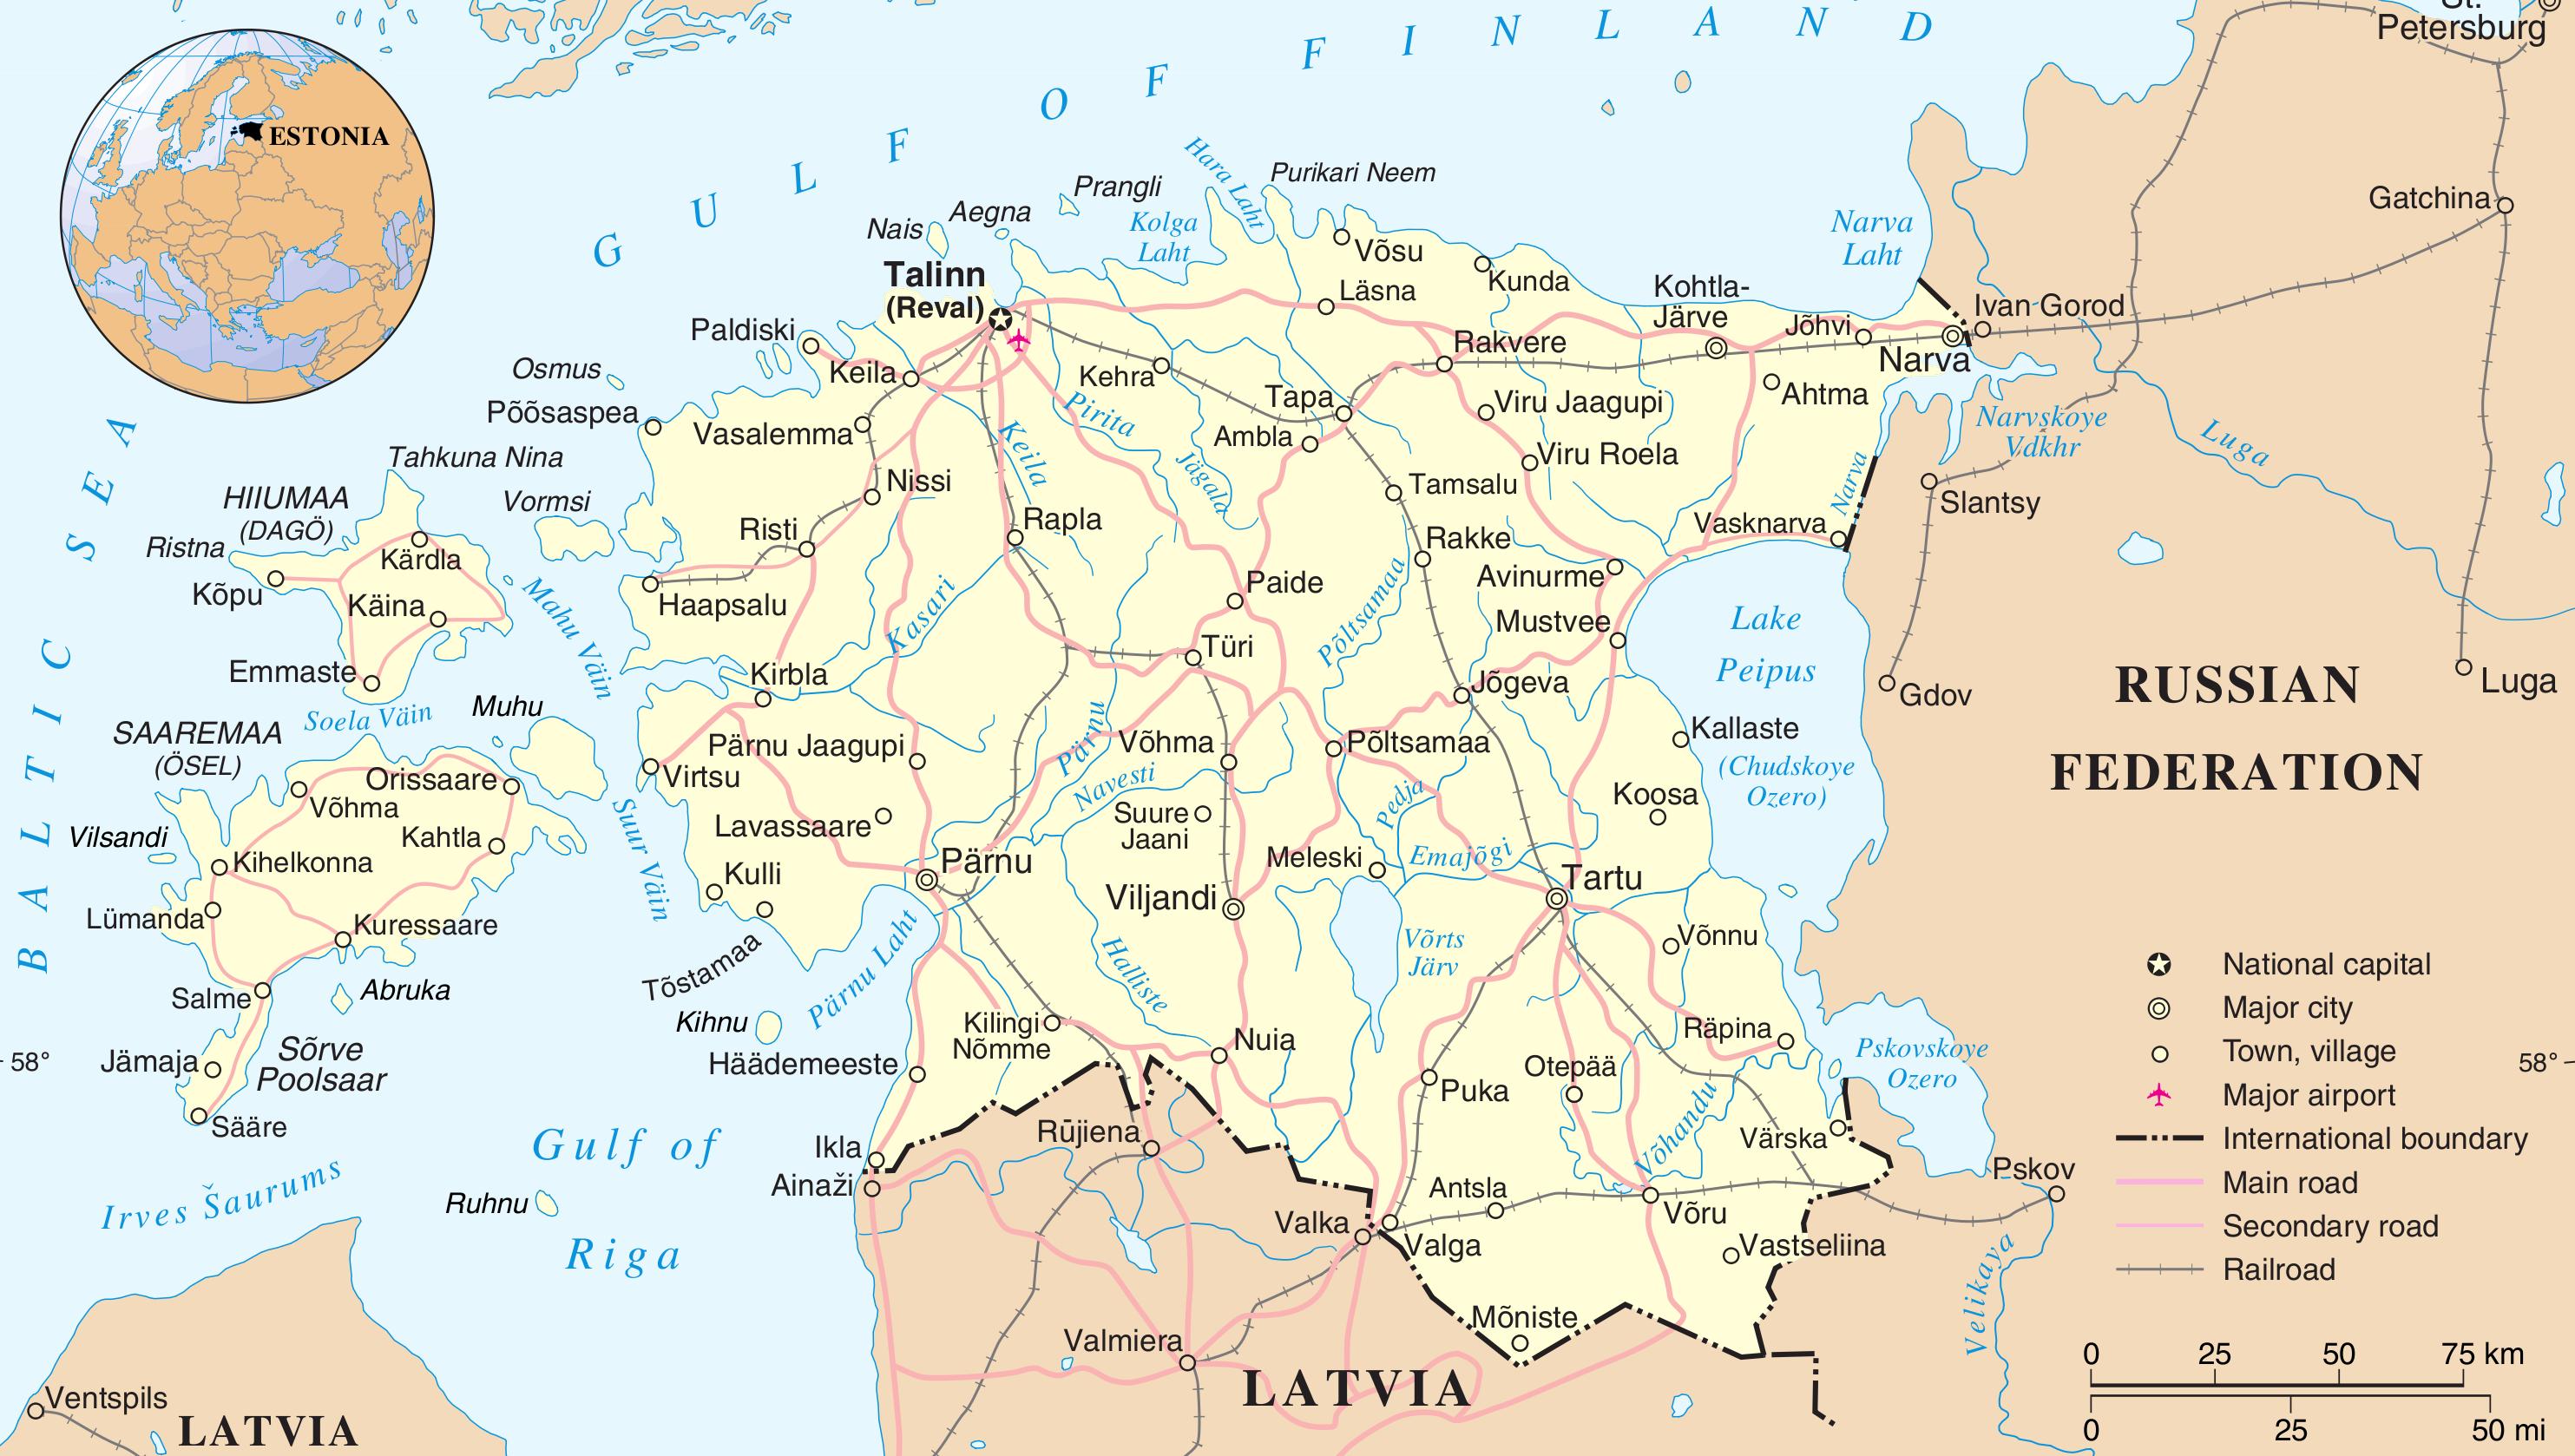 карта эстонии фото все необходимое одном